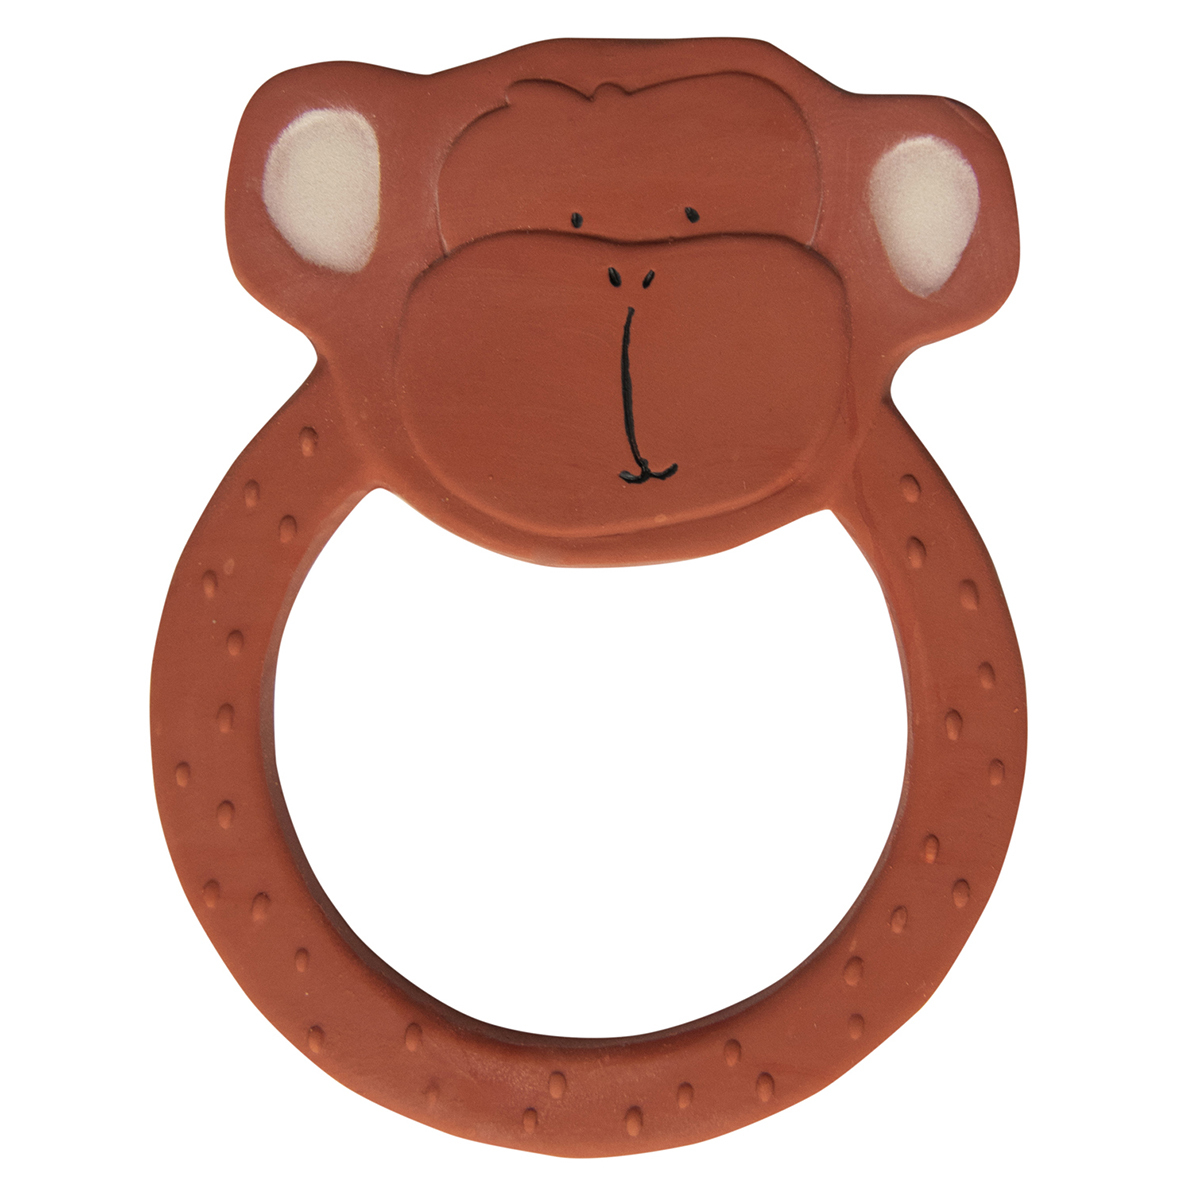 Dentition Anneau de Dentition en Caoutchouc Naturel - Mr. Monkey Anneau de Dentition en Caoutchouc Naturel - Mr. Monkey